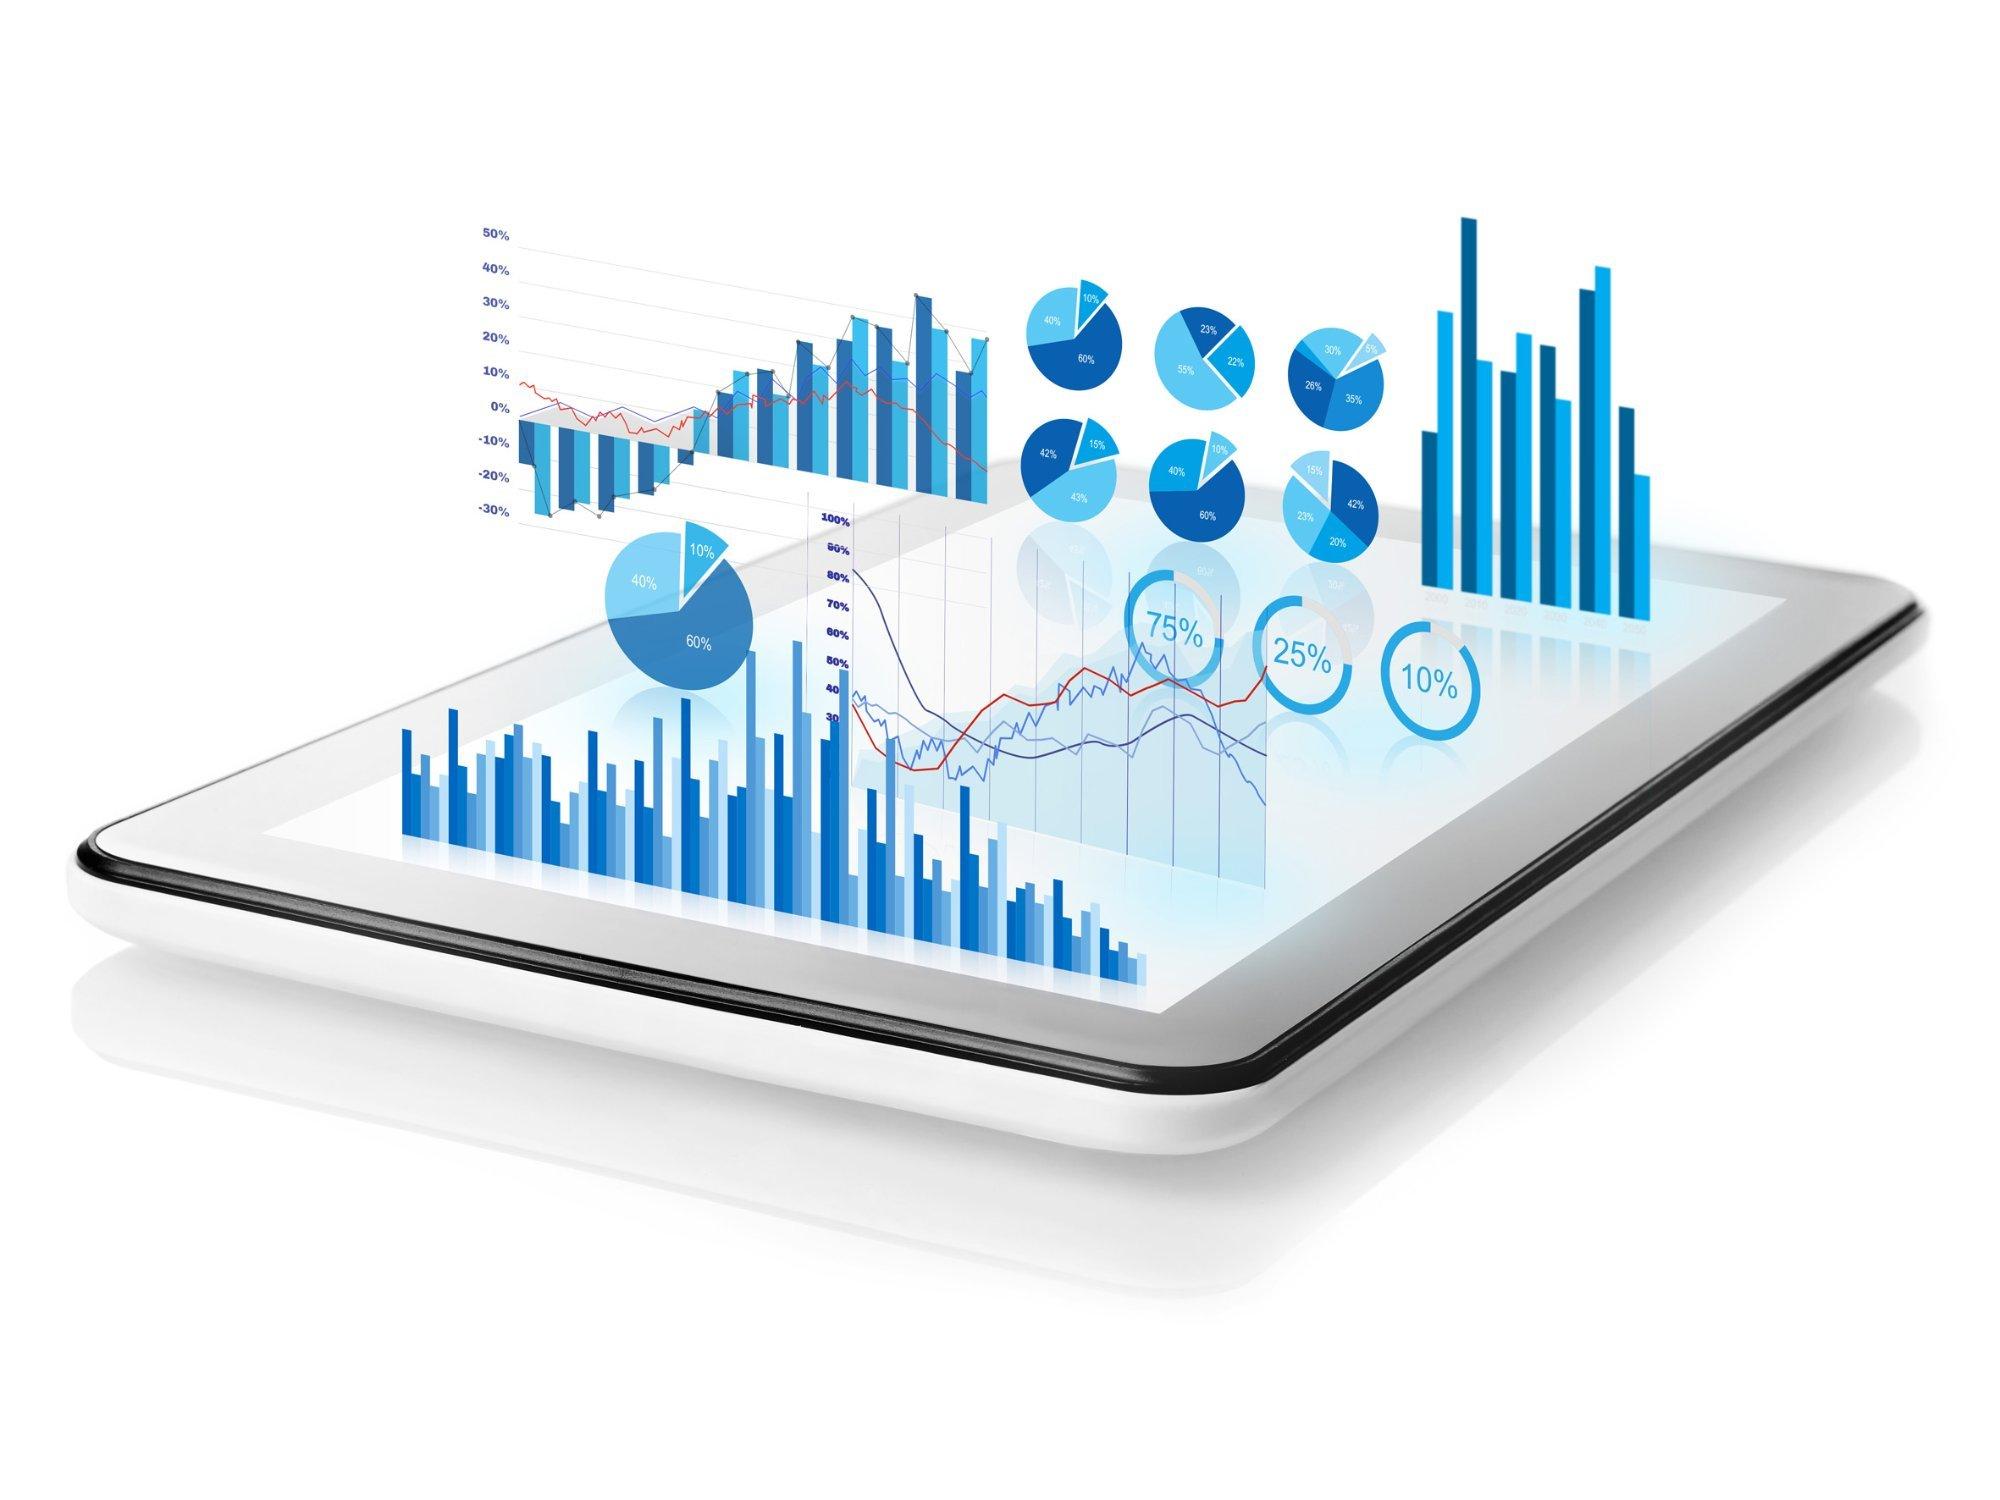 تحلیل آماری پایان نامه یک روش ریاضی برای بررسی دادههای به دست آمده از تحقیقات است. این کار با بررسی ارتباطات گروههای مختلف دادهها انجام میگیرد.